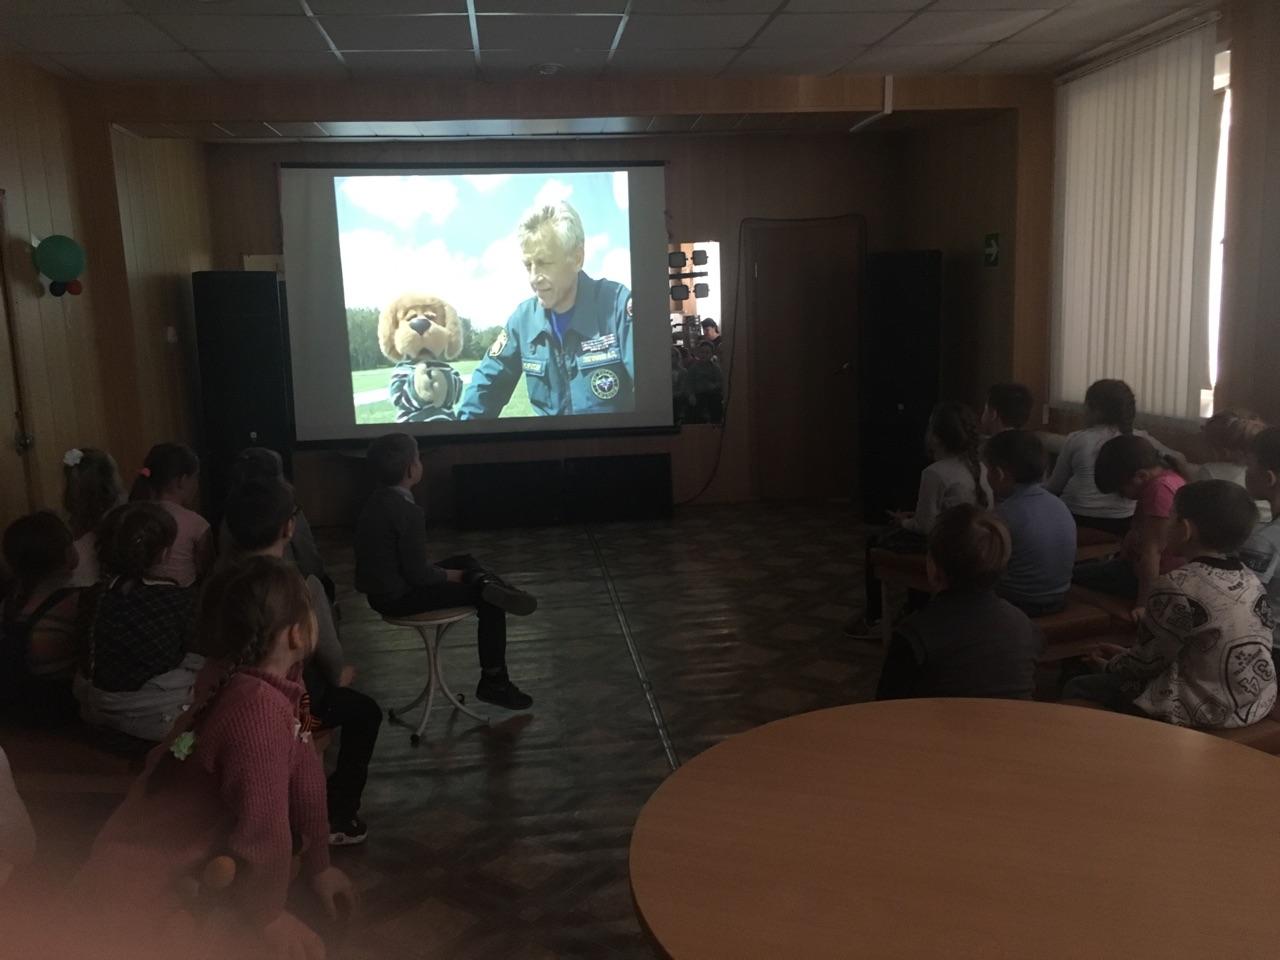 Аркадий Паровозов, Хрюша и Филя, рассказали мальчикам и девочкам, как нужно вести себя в лесу и как не заблудиться